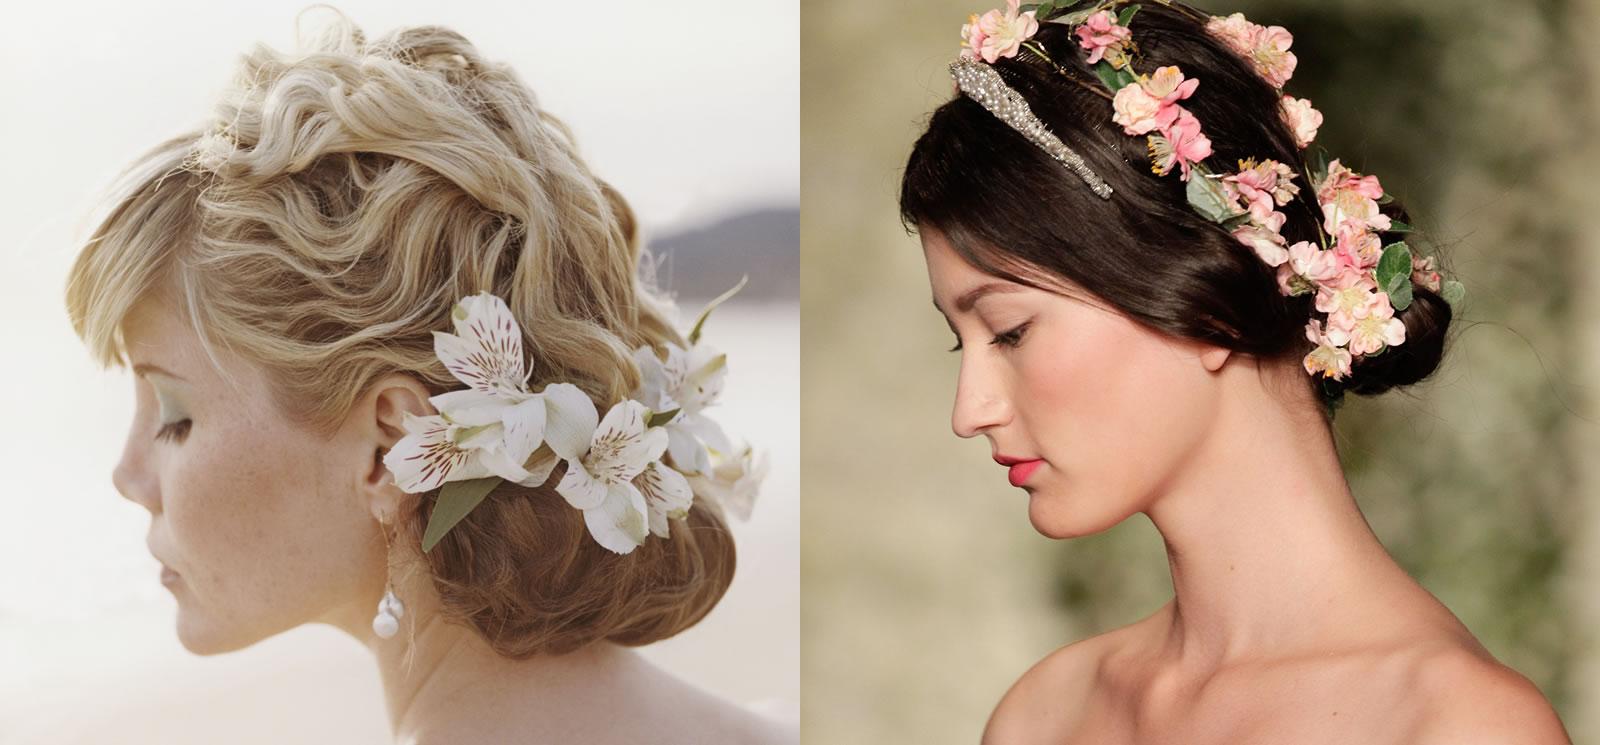 Fiore Matrimonio Uomo : Acconciature floreali per la sposa primavera glamour